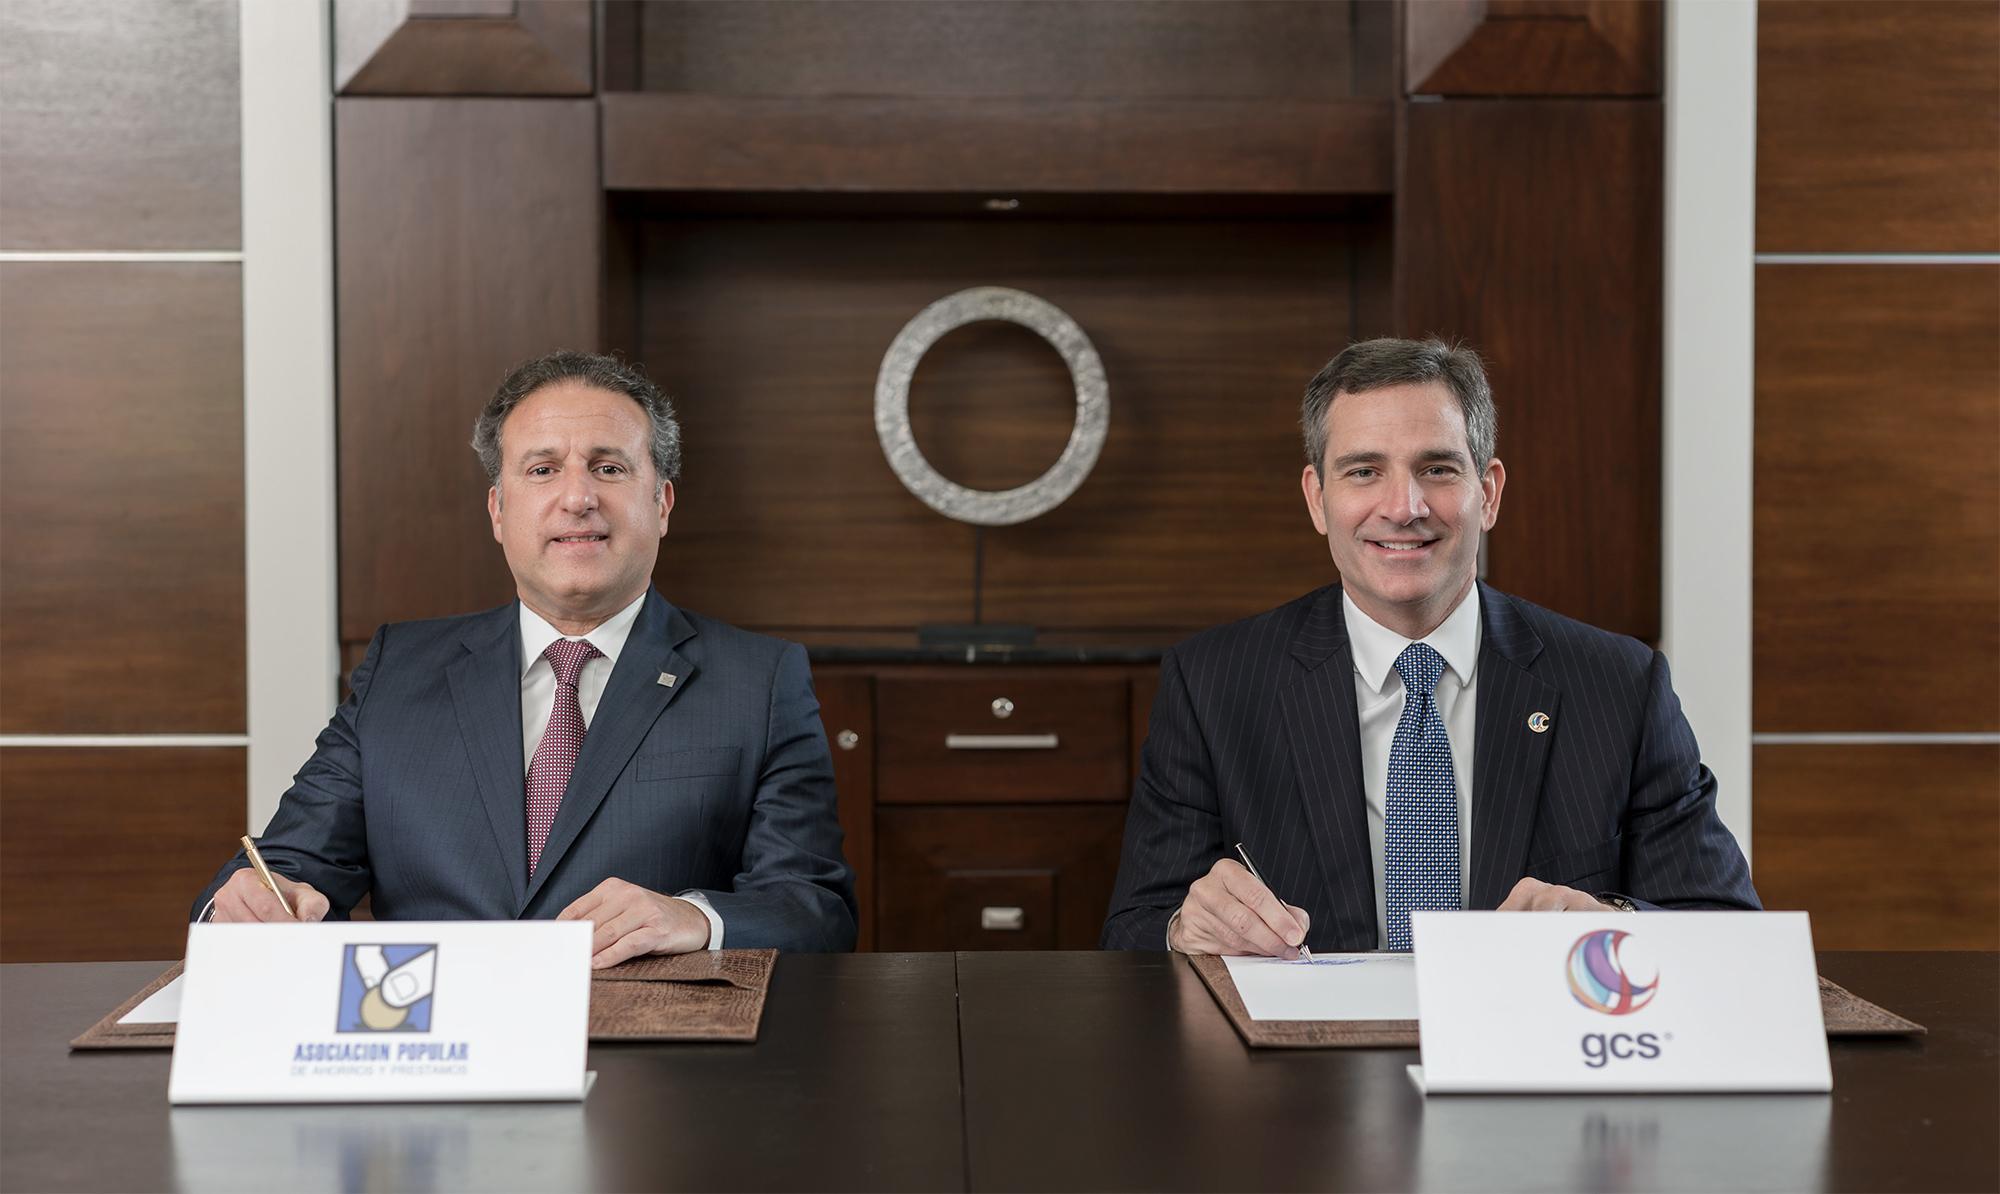 Alianza entre GCS y Asociación Popular de Ahorros y Préstamos - image  on https://gcs-international.com